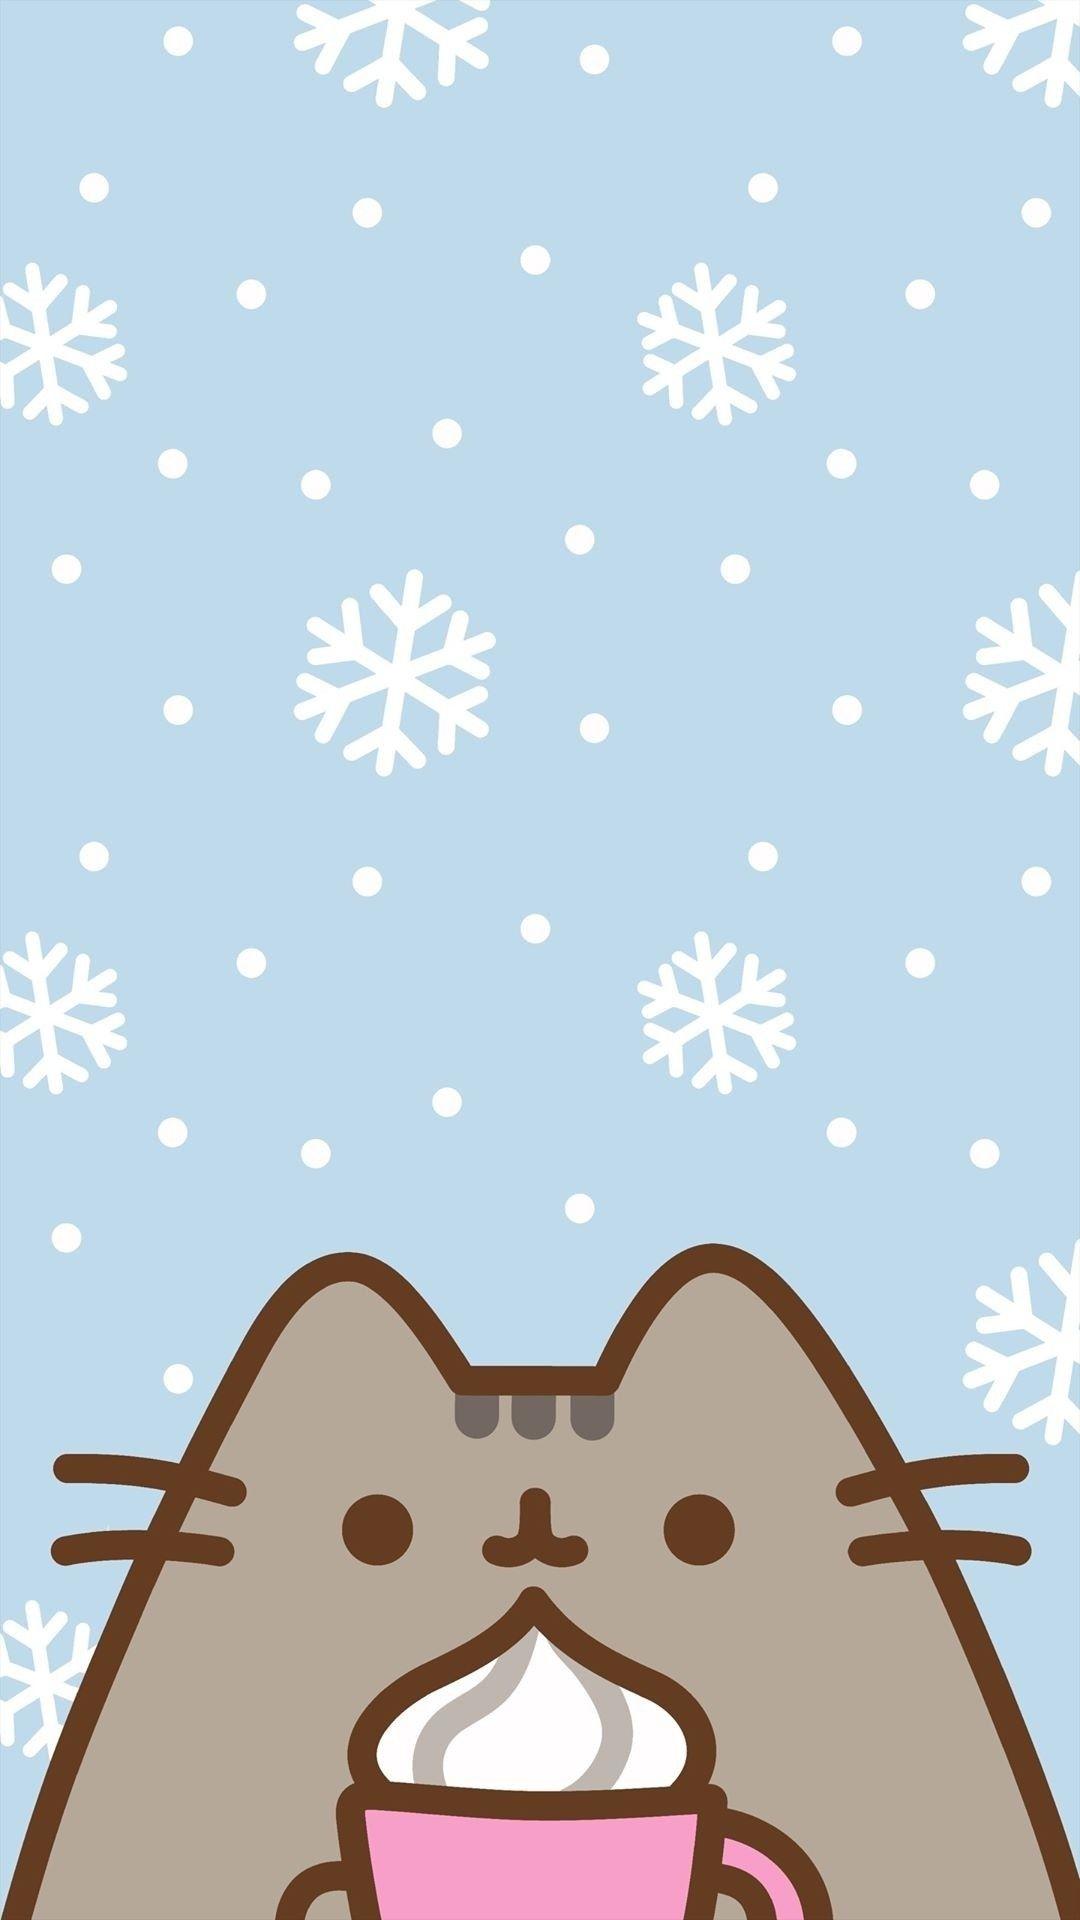 Pin By Adela Zelenkova On Vtipne Christmas Phone Wallpaper Cute Christmas Wallpaper Winter Wallpaper